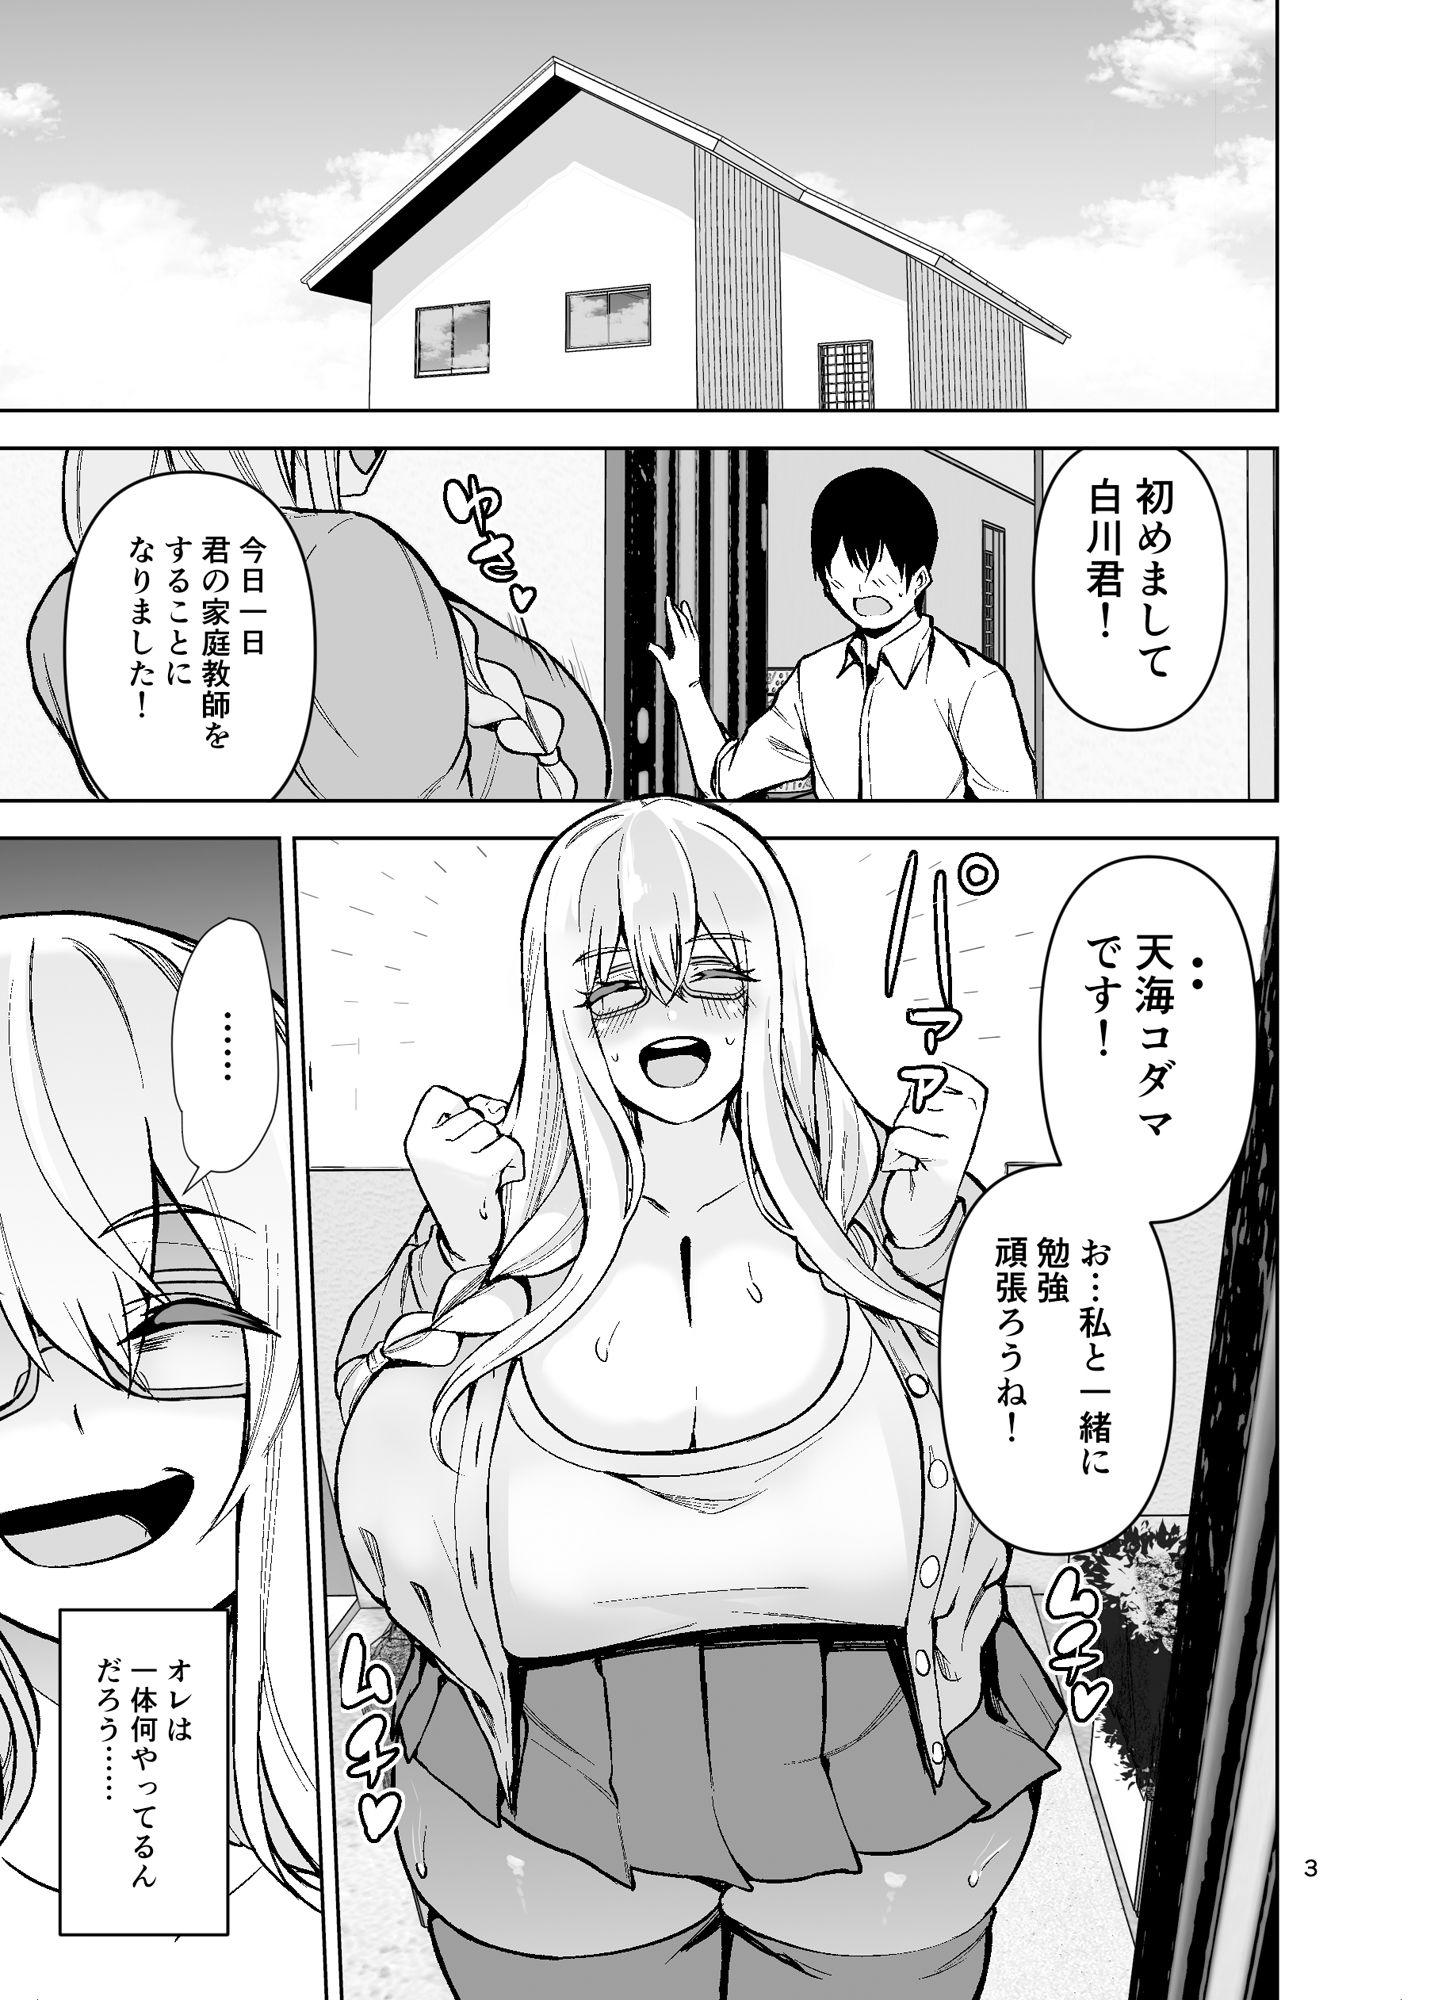 TS娘コダマちゃんとH!その3